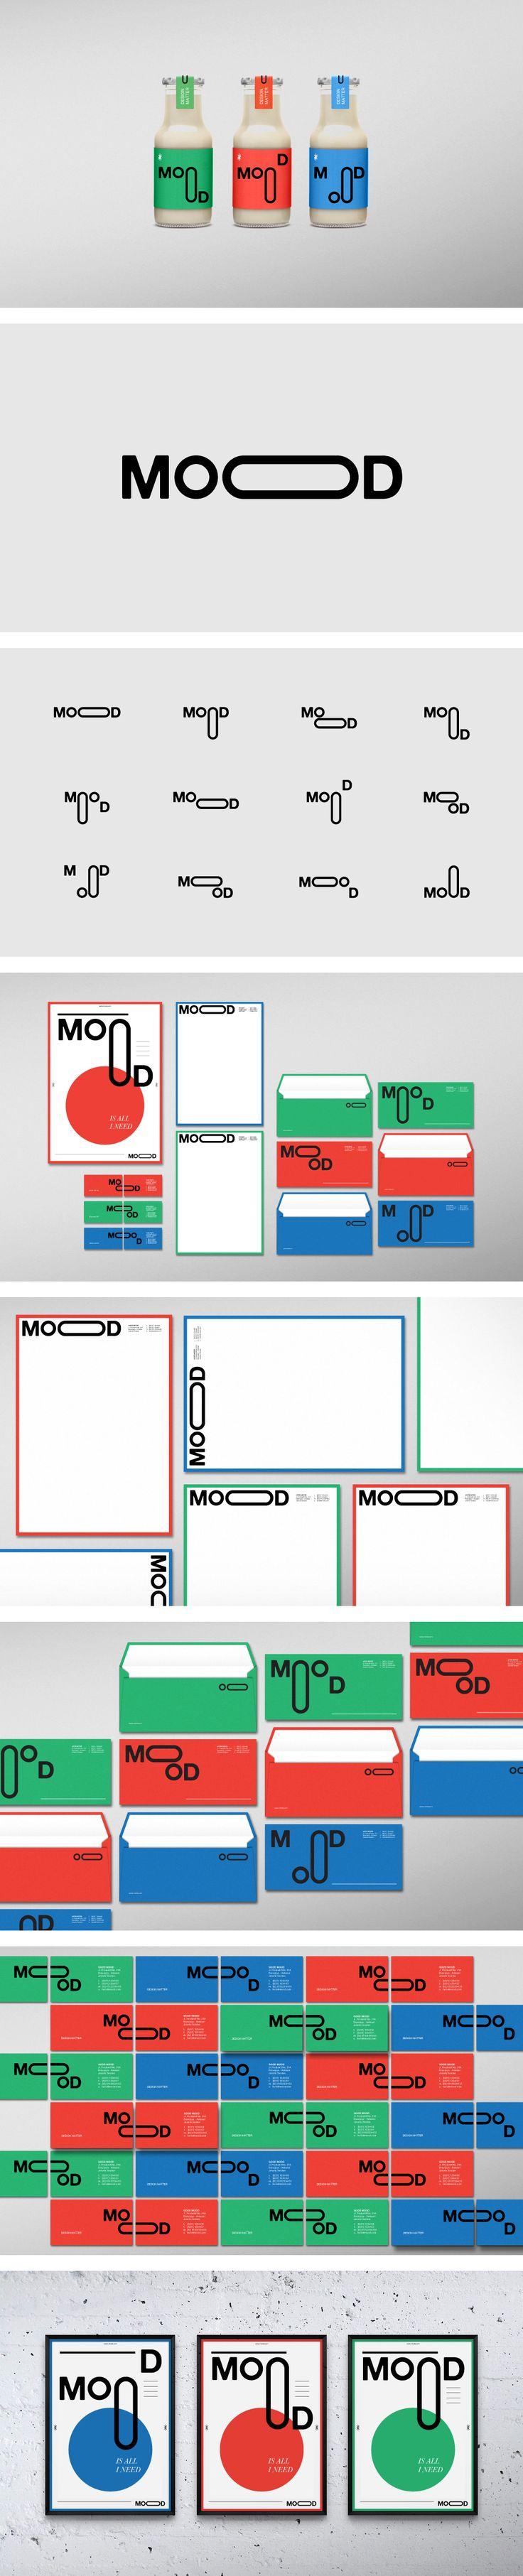 J'aime la possibilité d'agencer différemment les mêmes formes pour donner des visuels différents (par exemple en agençant différemment les formes on peut imager un menu, une en-tête, un logo, un écran de travail, etc.